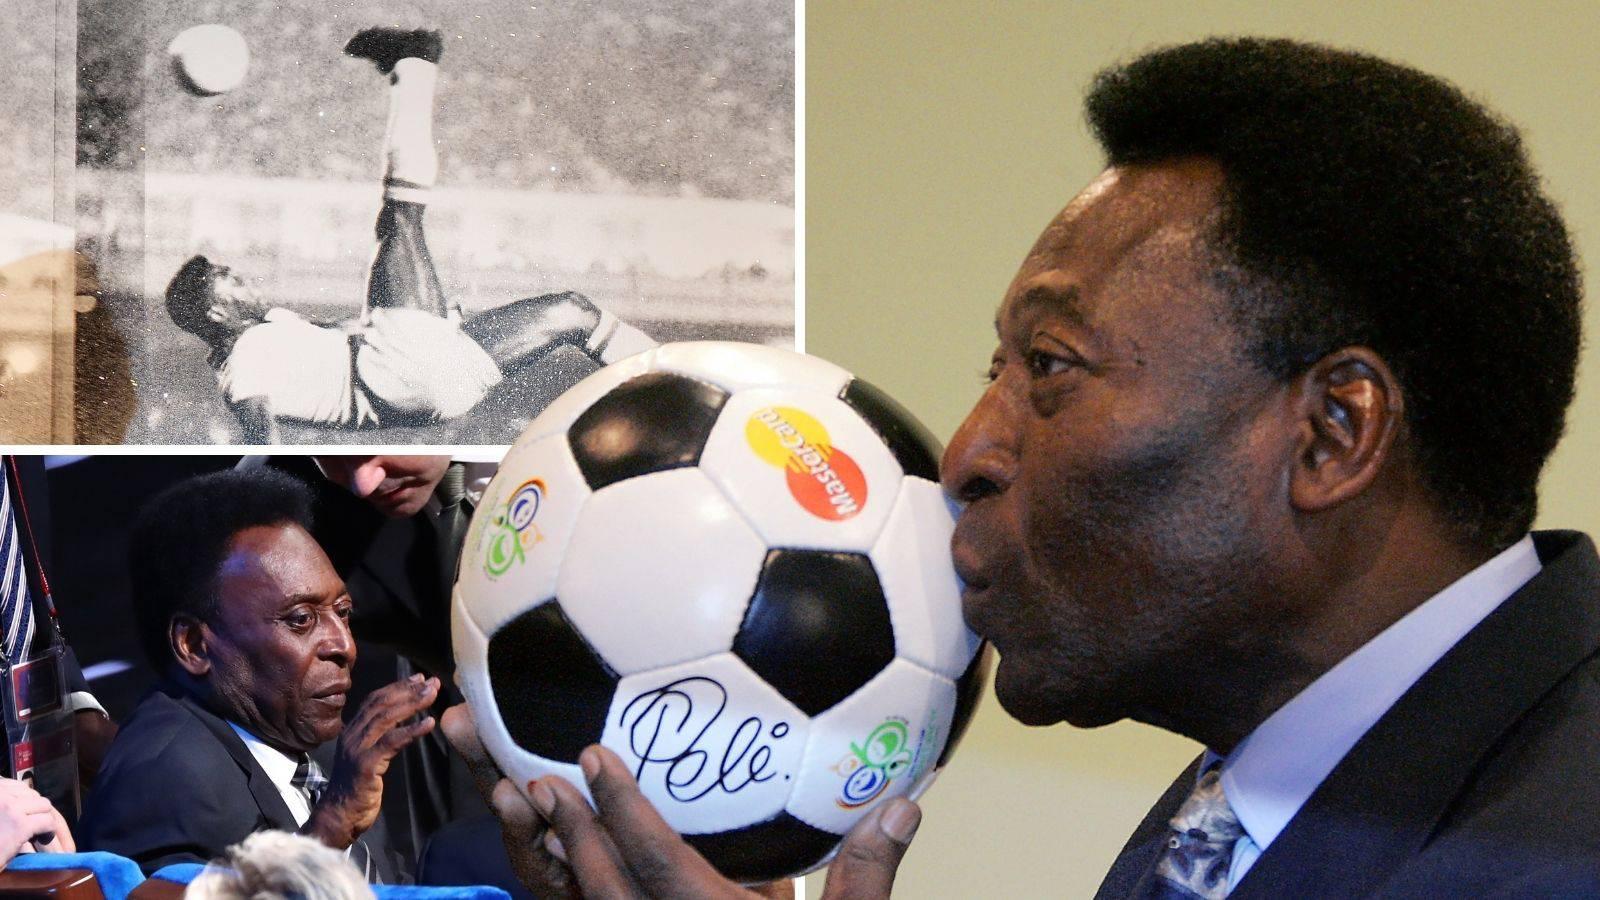 Siromah koji je postao legenda nogometa danas je u kolicima